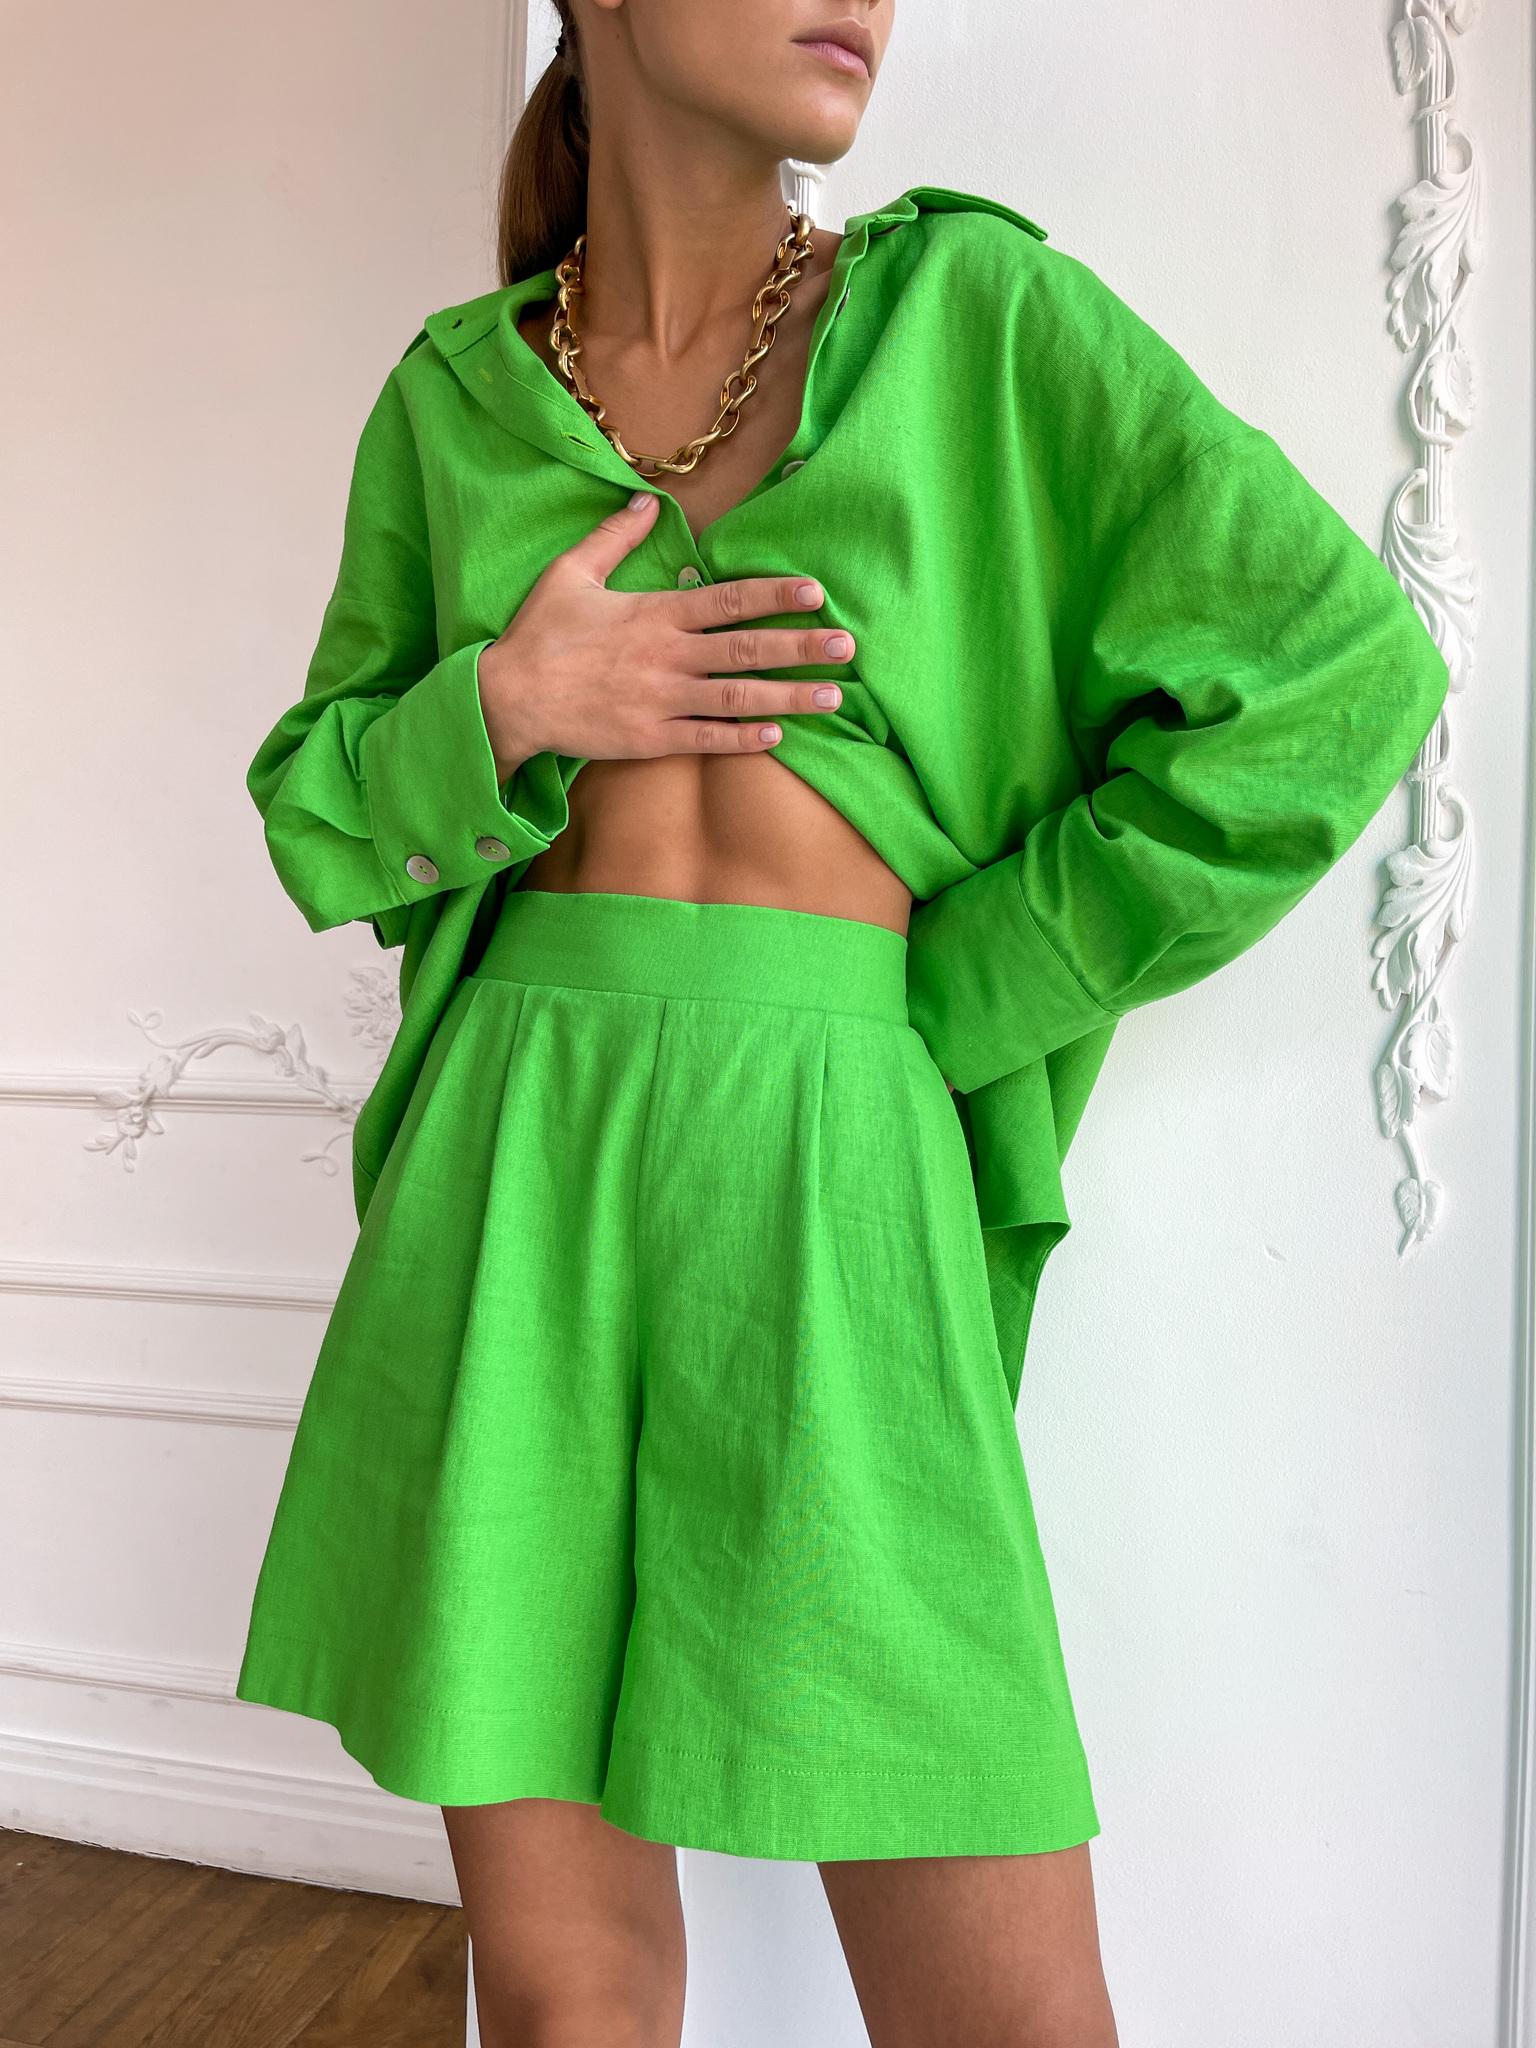 Шорты изо льна (ярко-зеленый)